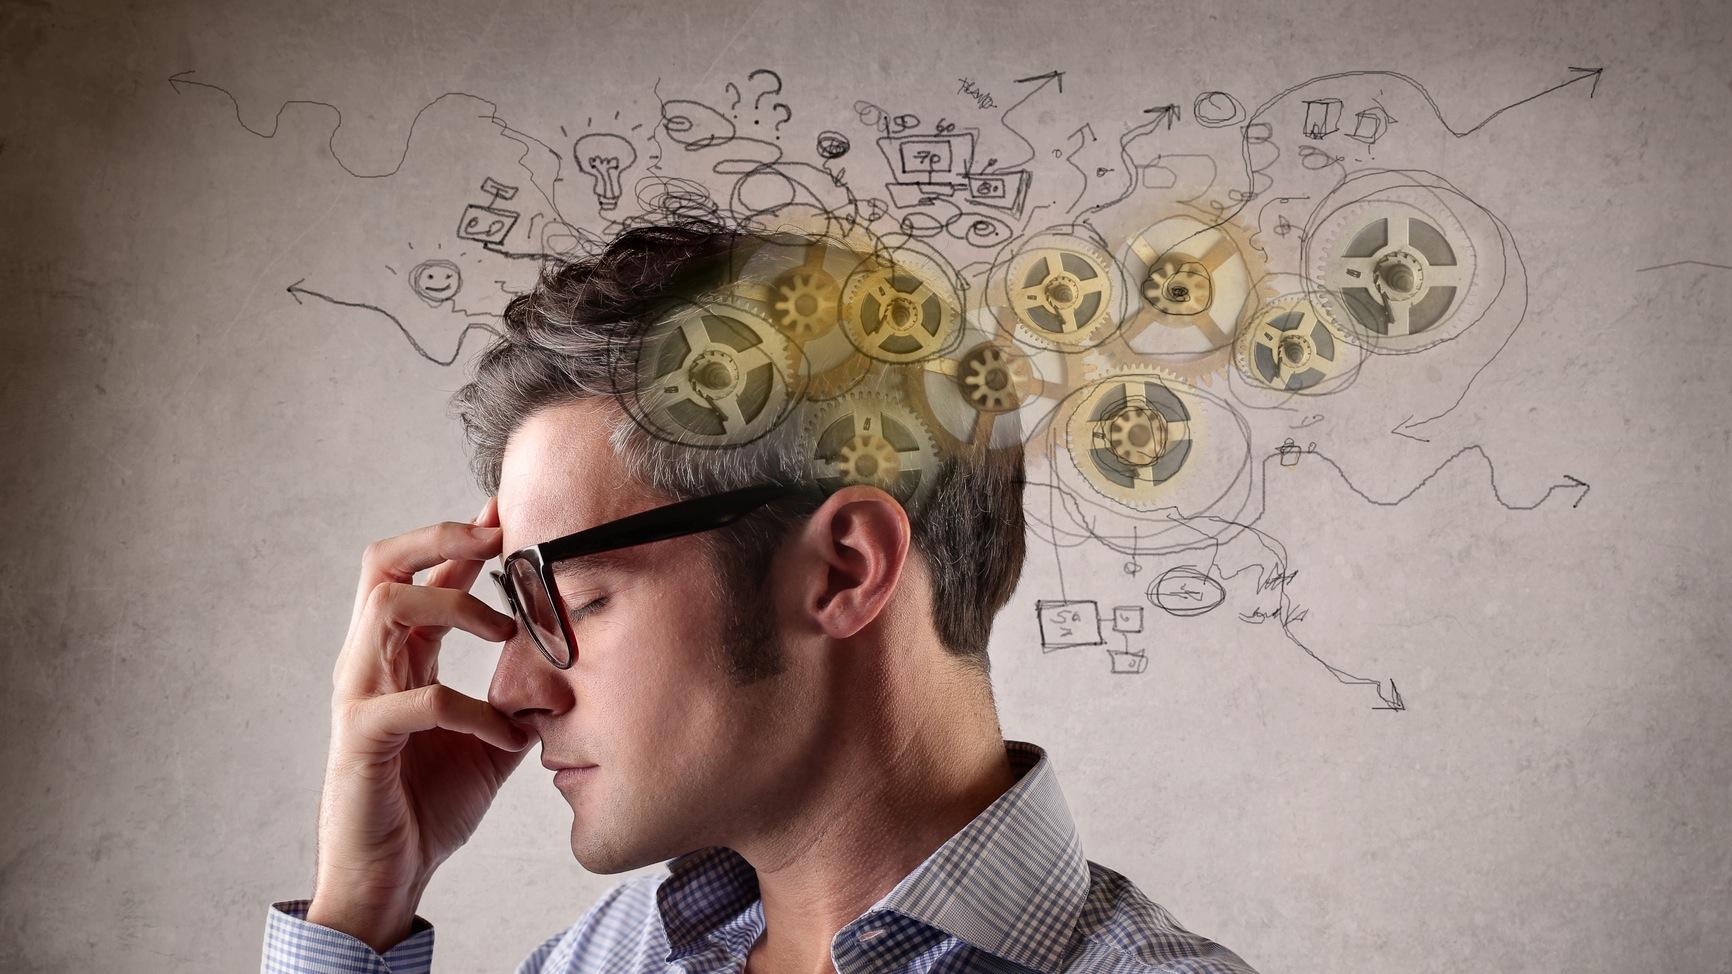 باورهای شما در مورد هوش روی موفقیت تأثیر دارد